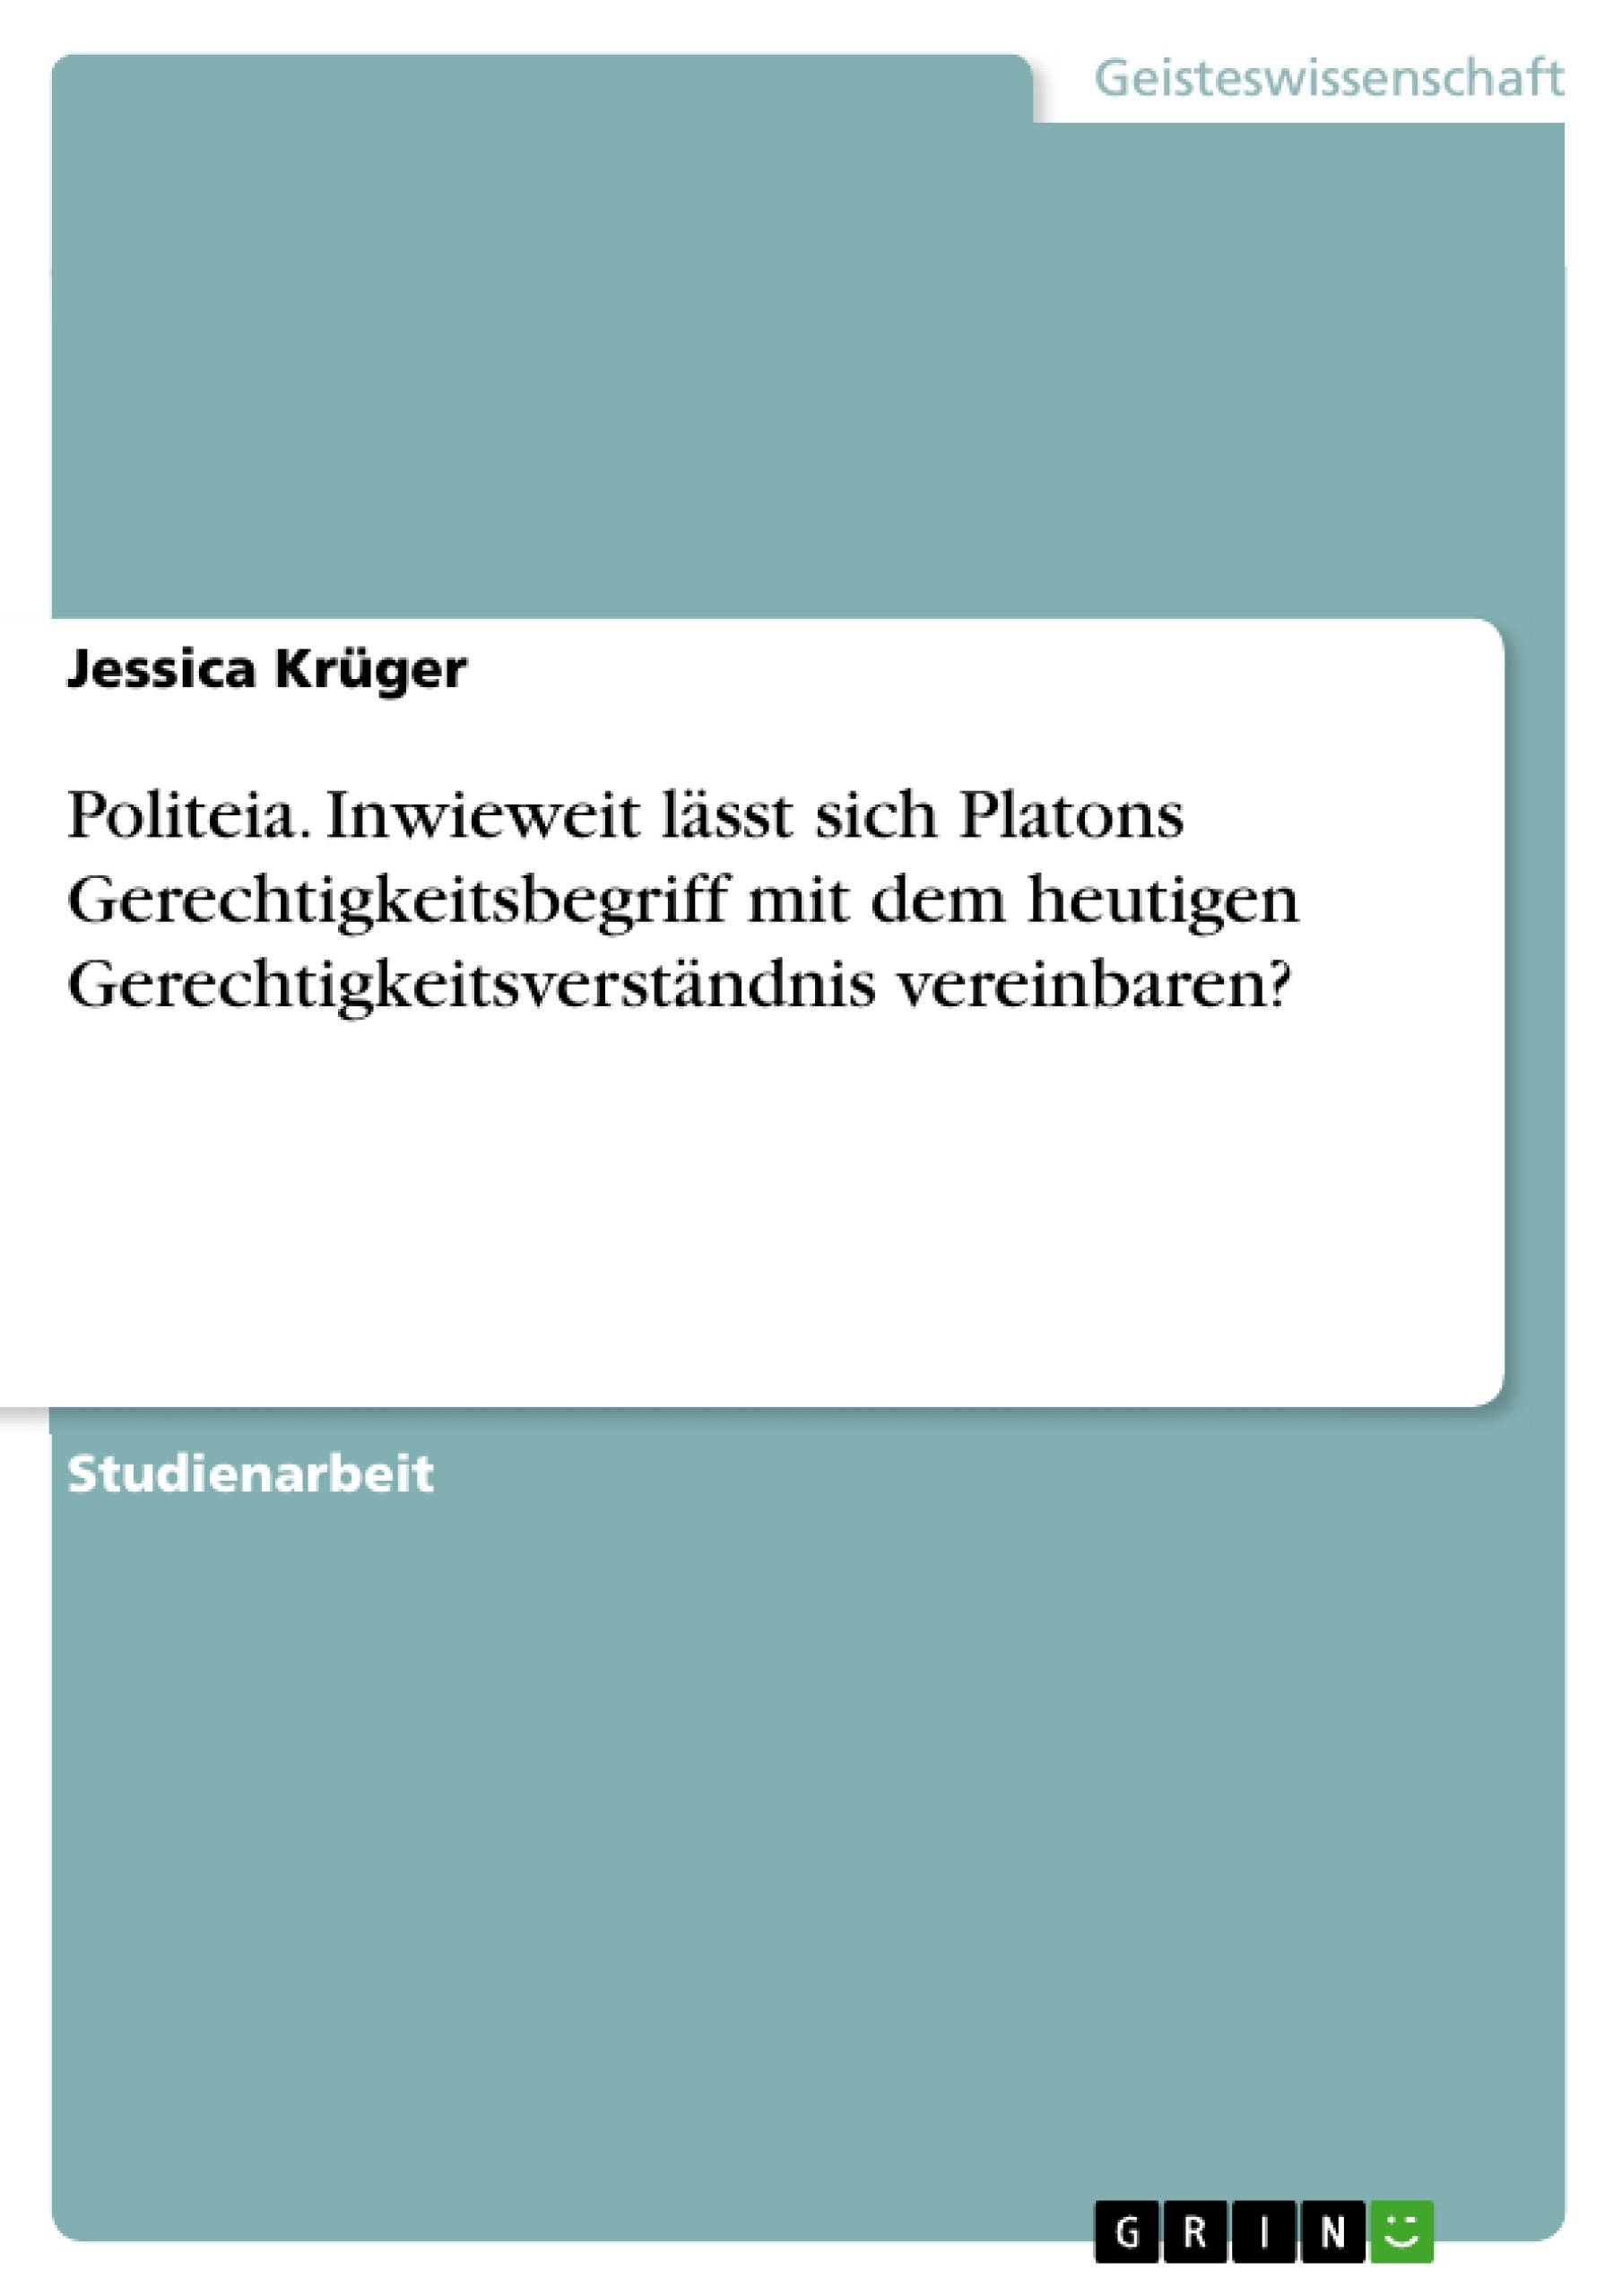 Titel: Politeia. Inwieweit lässt sich Platons Gerechtigkeitsbegriff mit dem heutigen Gerechtigkeitsverständnis vereinbaren?